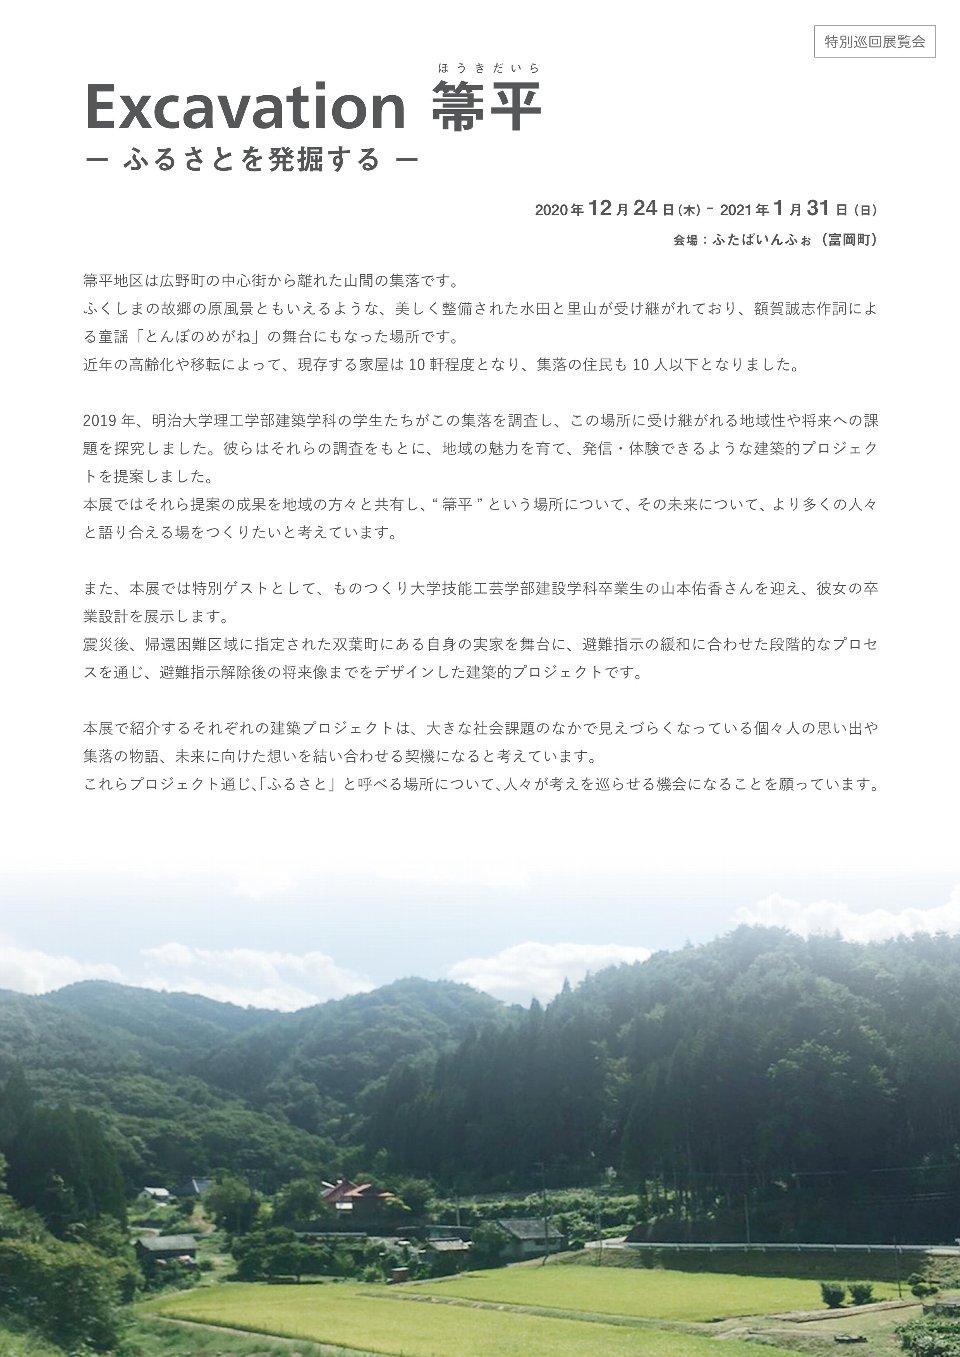 【富岡町】Excavation箒平(ほうきだいら) -ふるさとを発掘する- 特別巡回展 @ ふたばいんふぉ 他